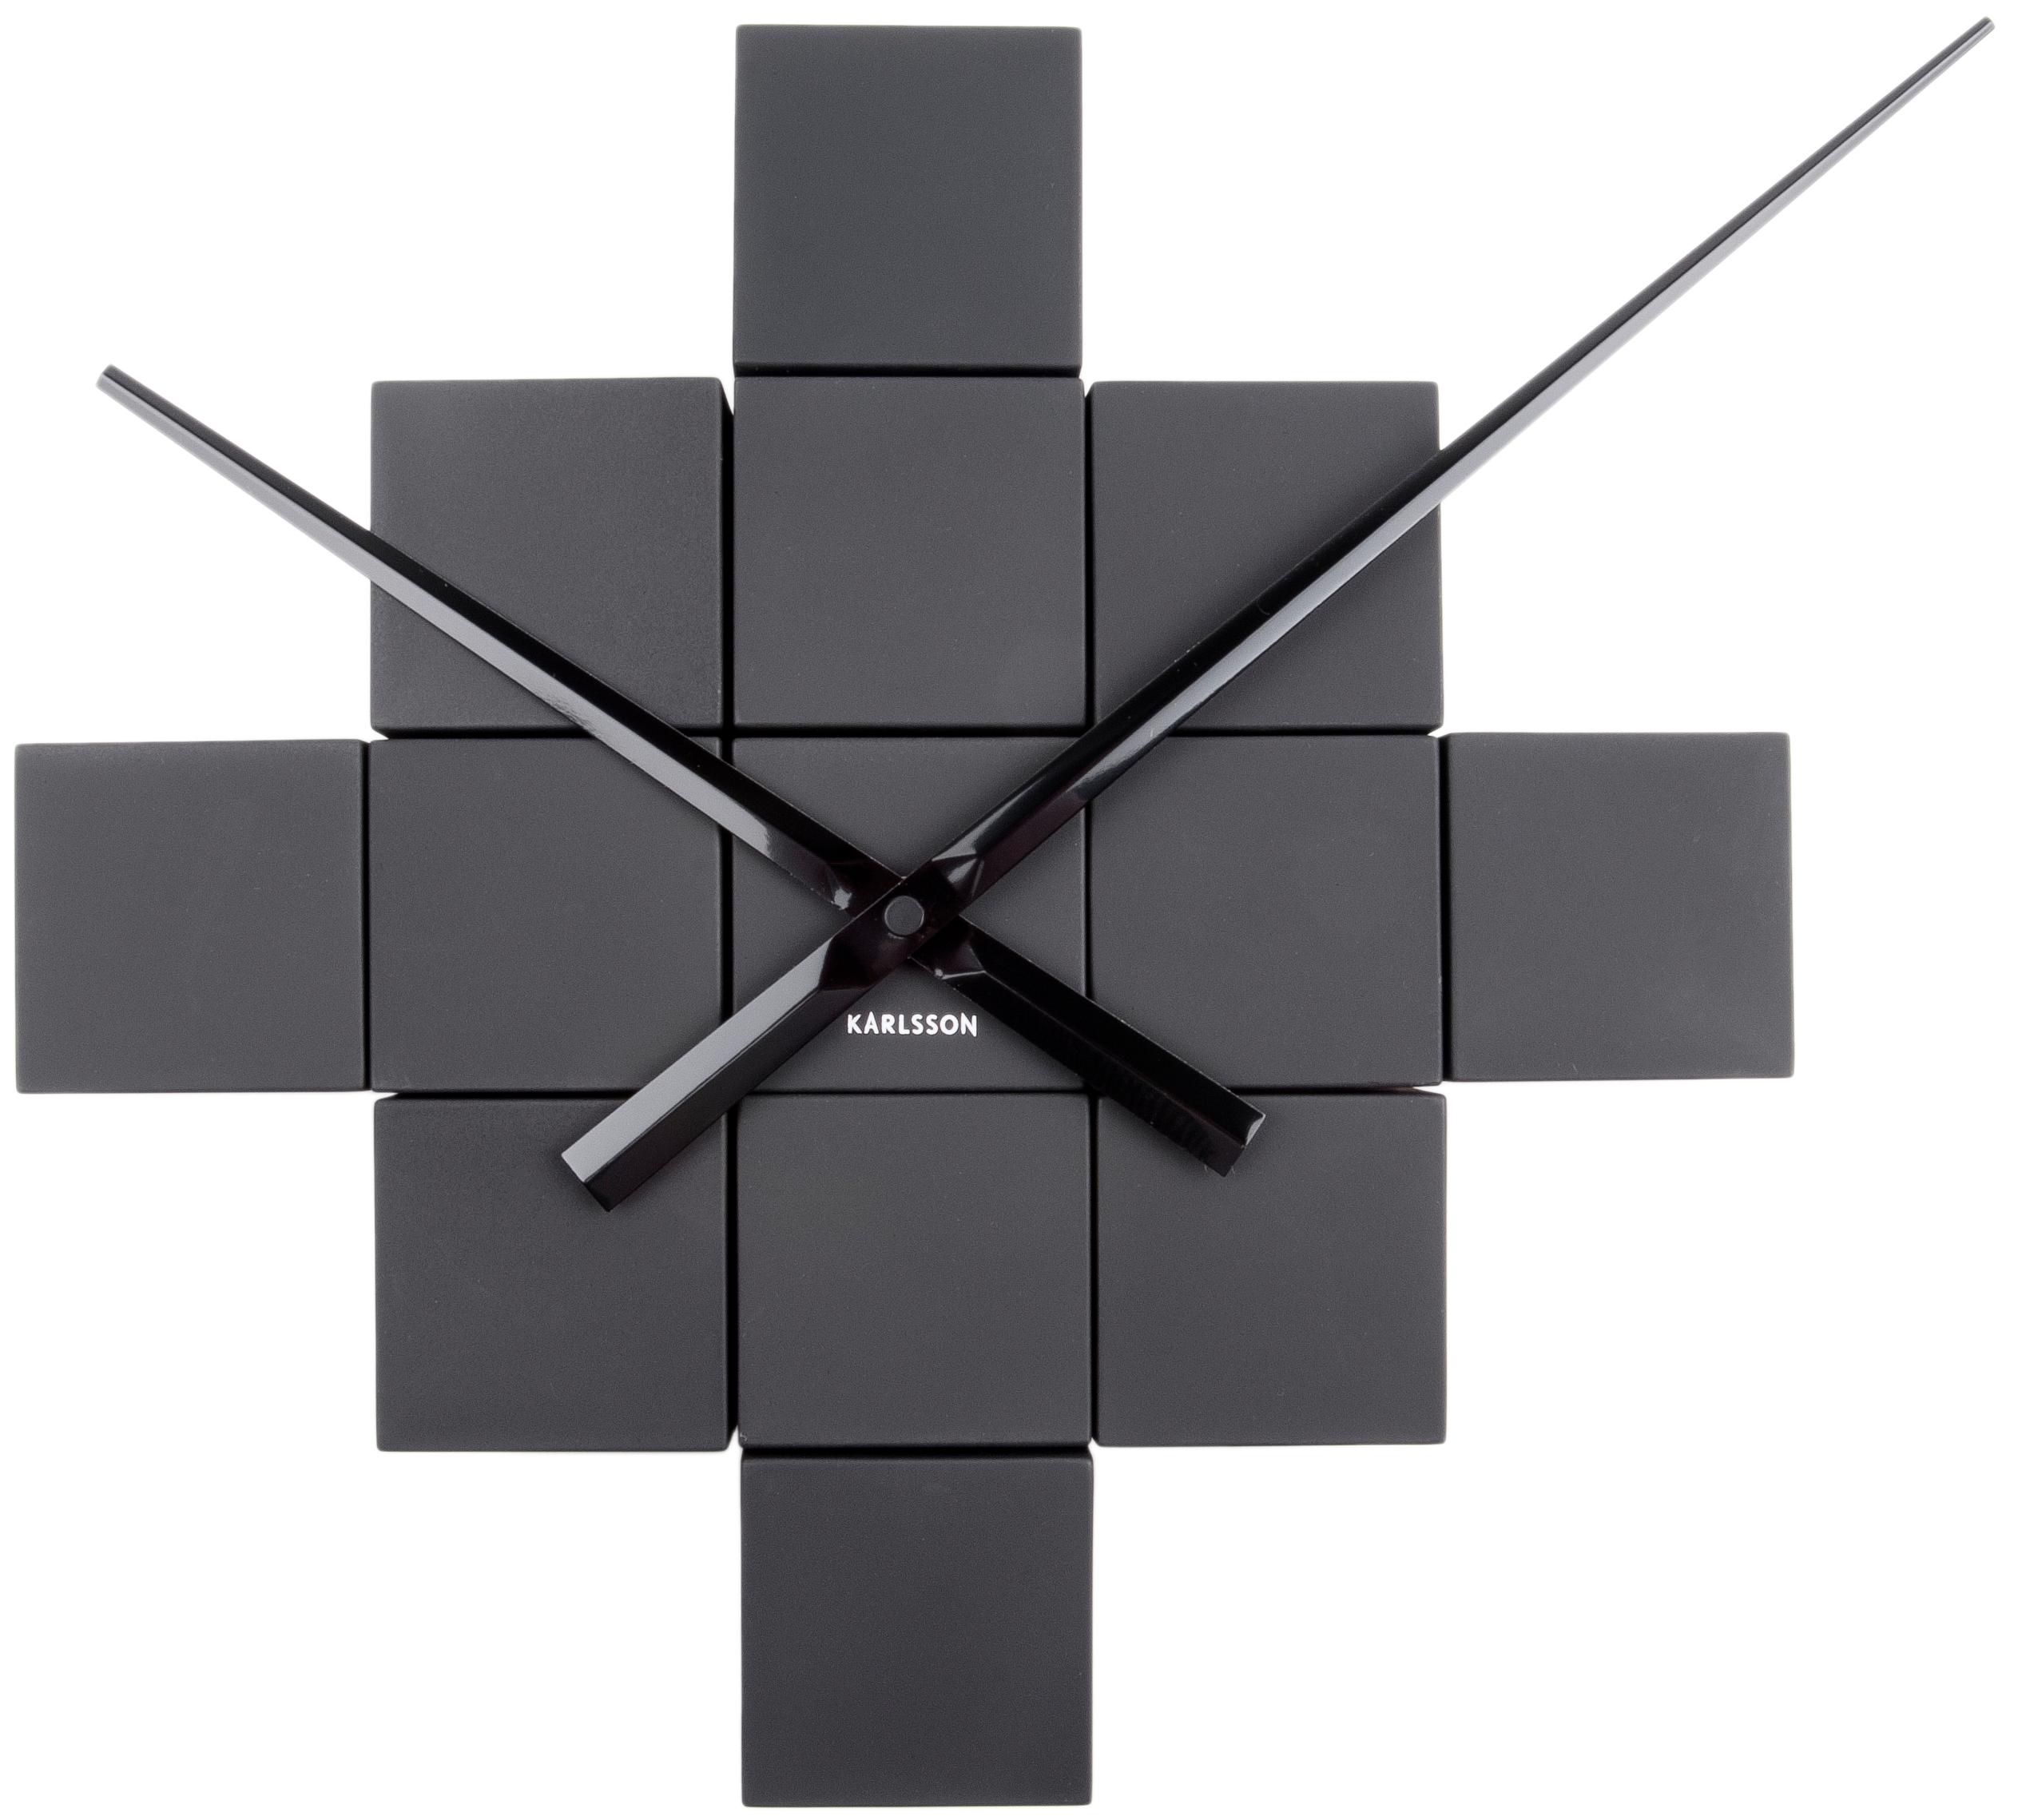 bunte wanduhren wanduhren wanduhren tischuhren. Black Bedroom Furniture Sets. Home Design Ideas